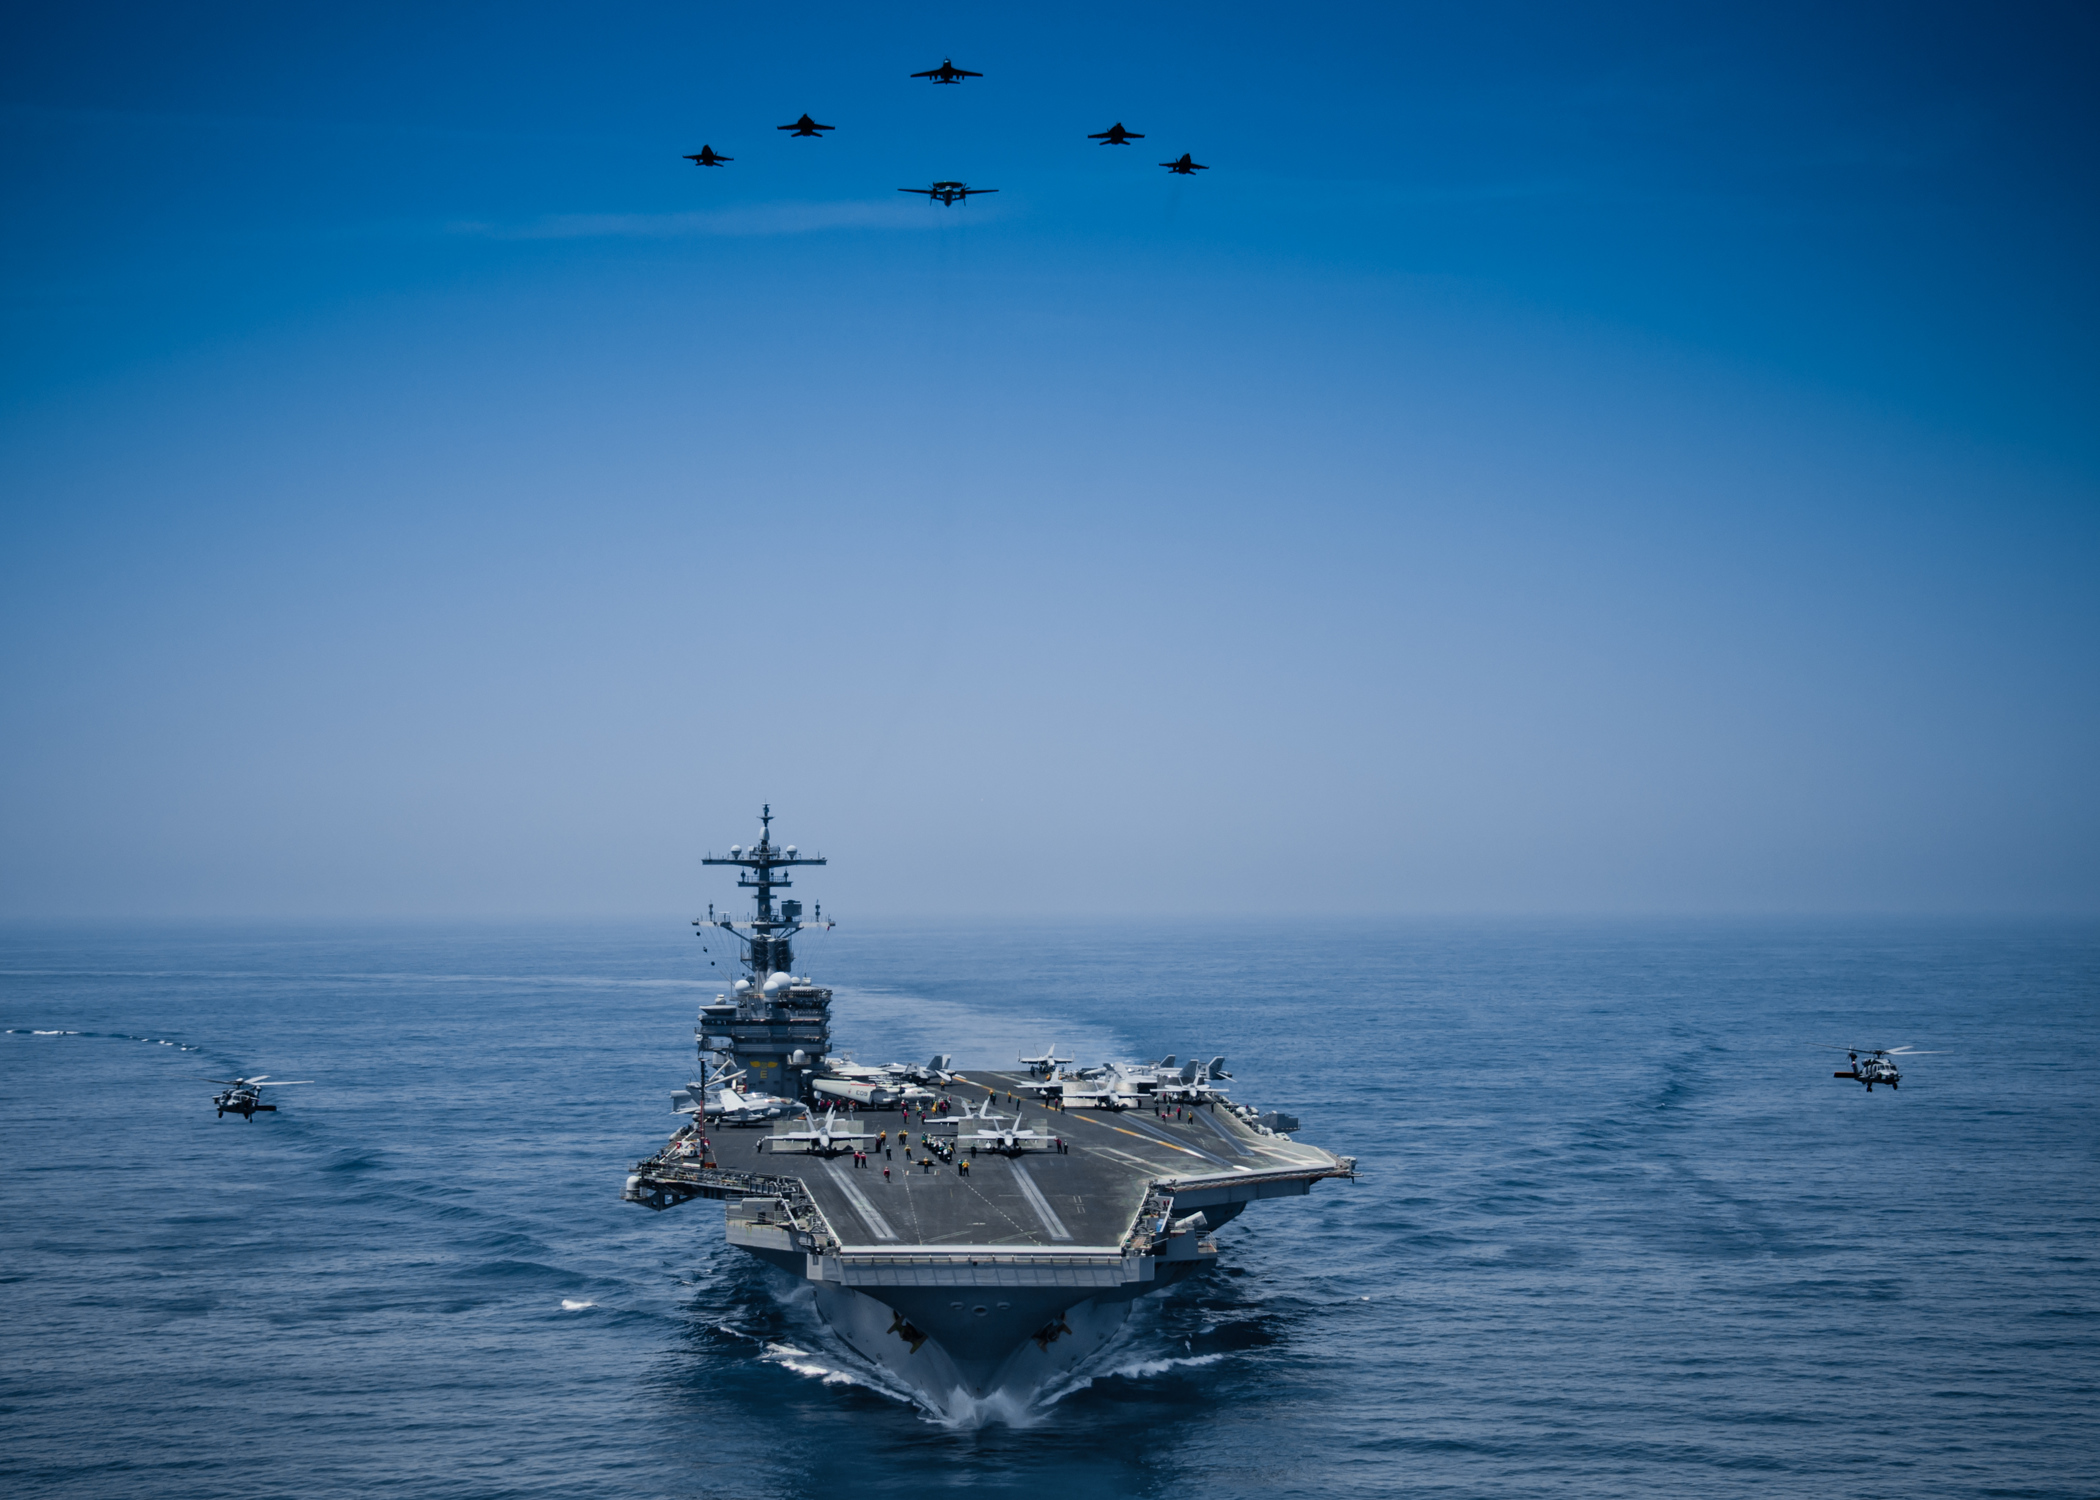 USS GEORGE H.W. BUSH CVN-77 am 29.04.2014 im Arabischen Meer Bild: U.S. Navy